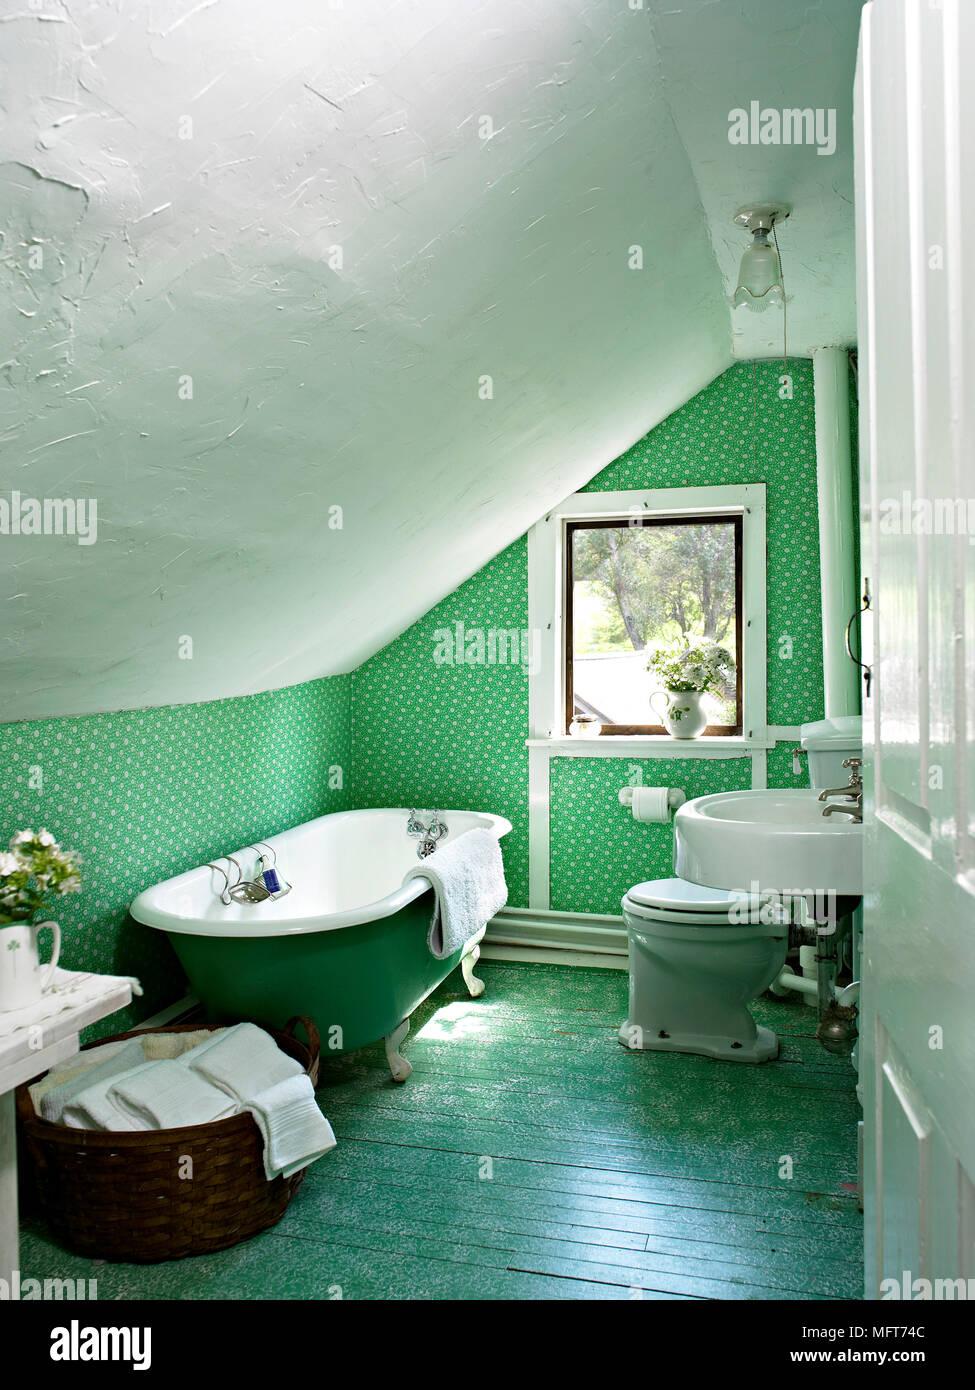 Freistehende Badewanne und Waschbecken in grün Bad Stockfoto, Bild ...